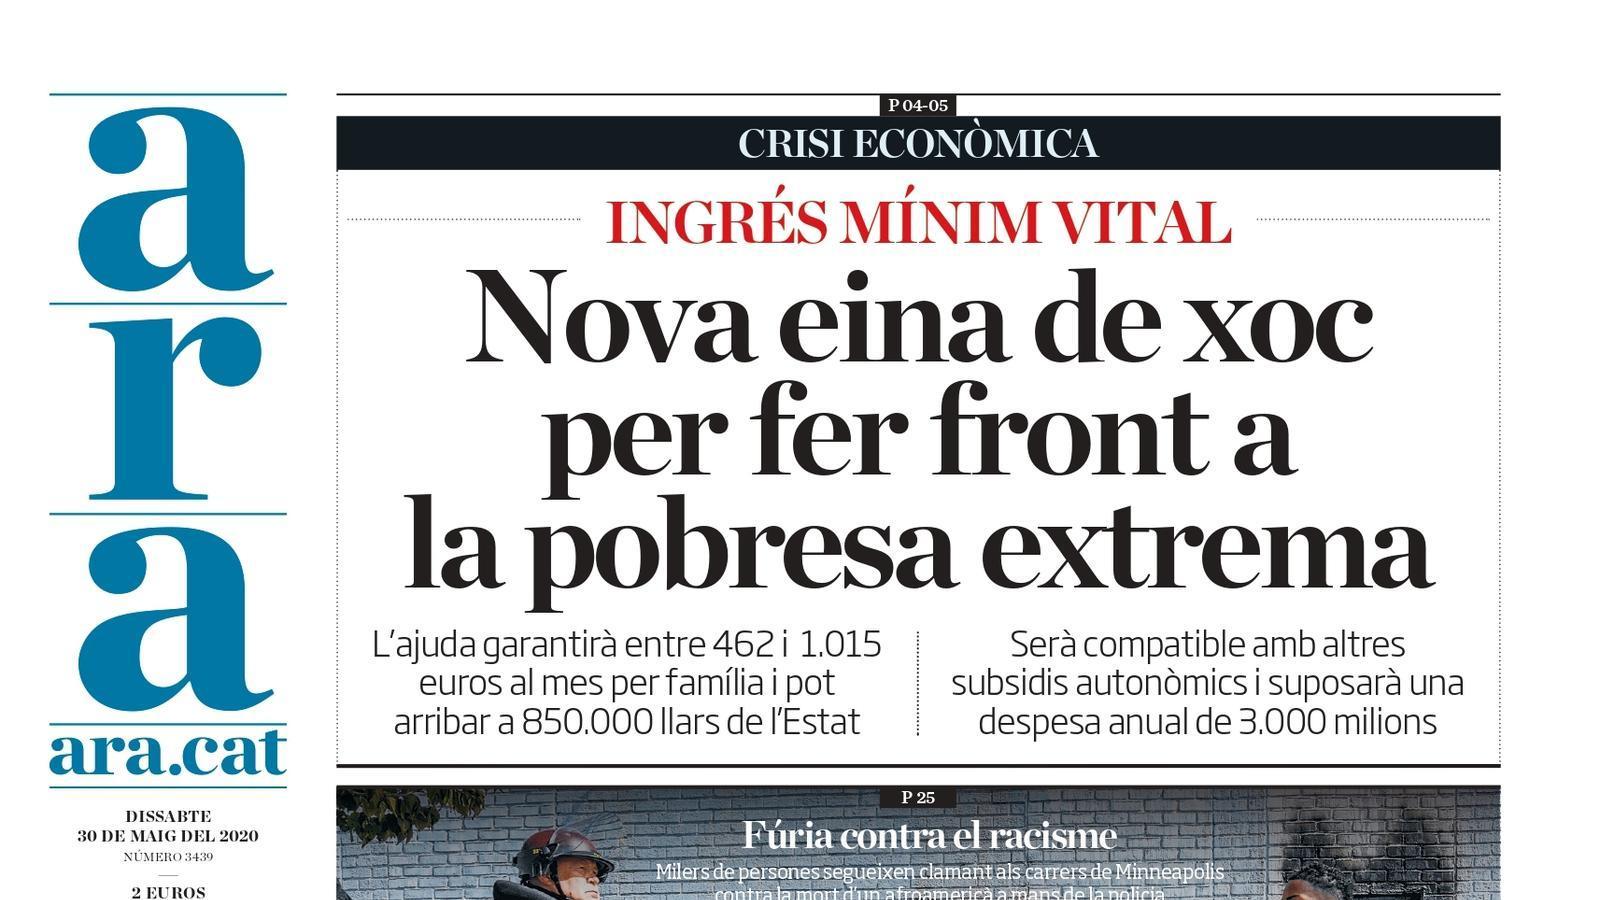 """""""Nova eina de xoc per fer front a la pobresa extrema"""", la portada de l'ARA del dissabte 30 de maig de 2020"""